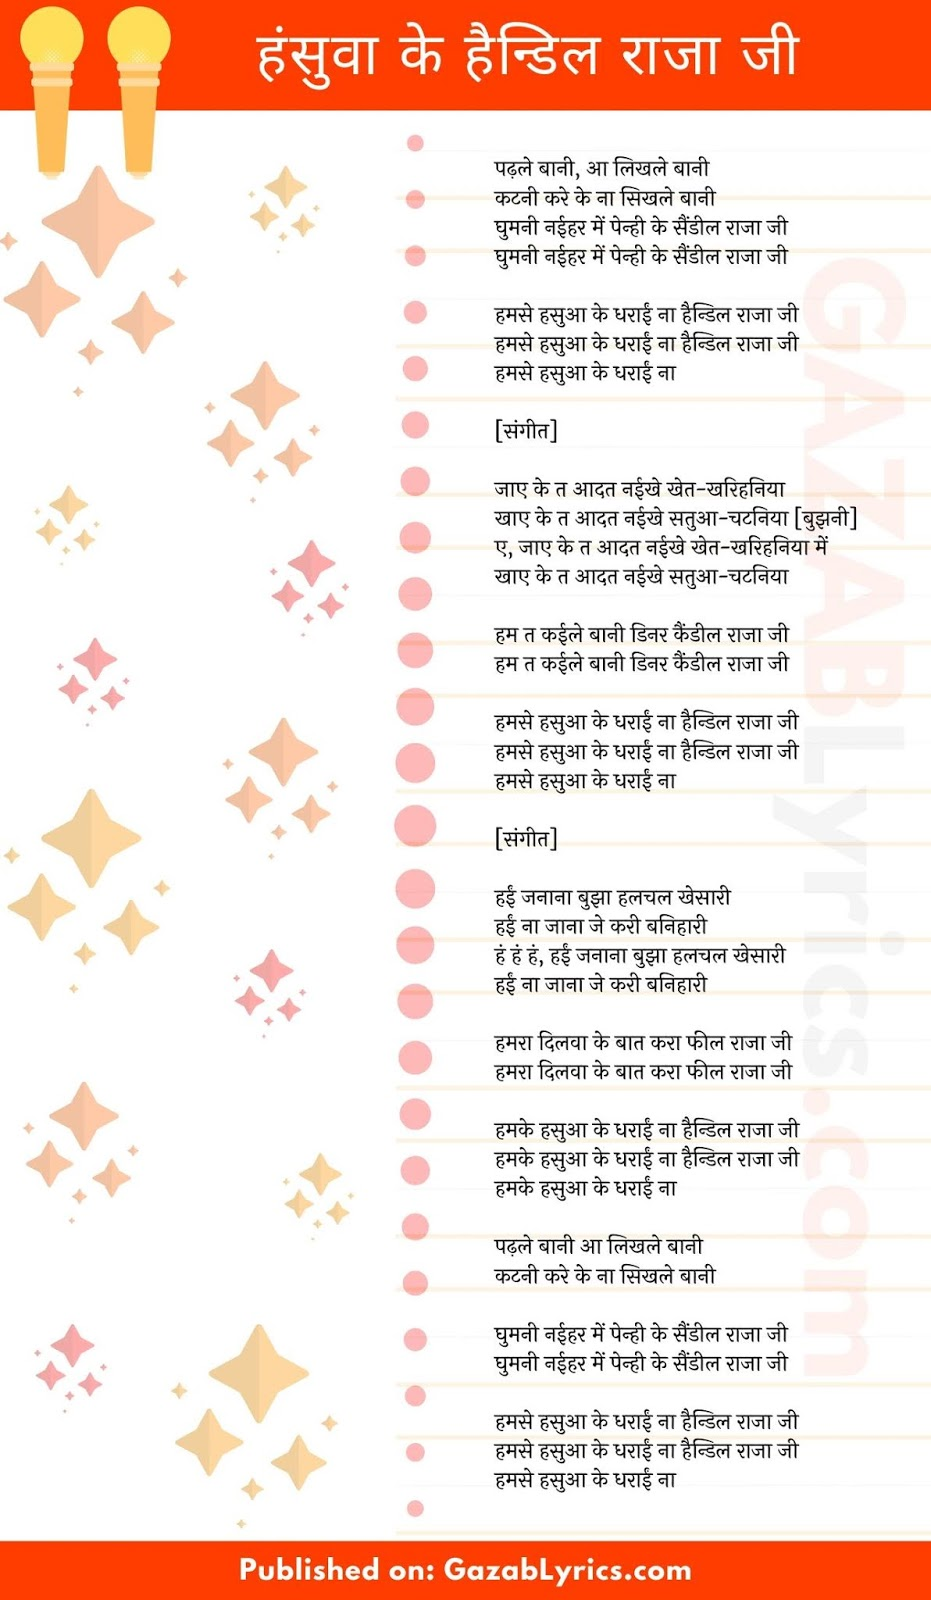 Hasuwa Ke Handil Raja Ji song lyrics image